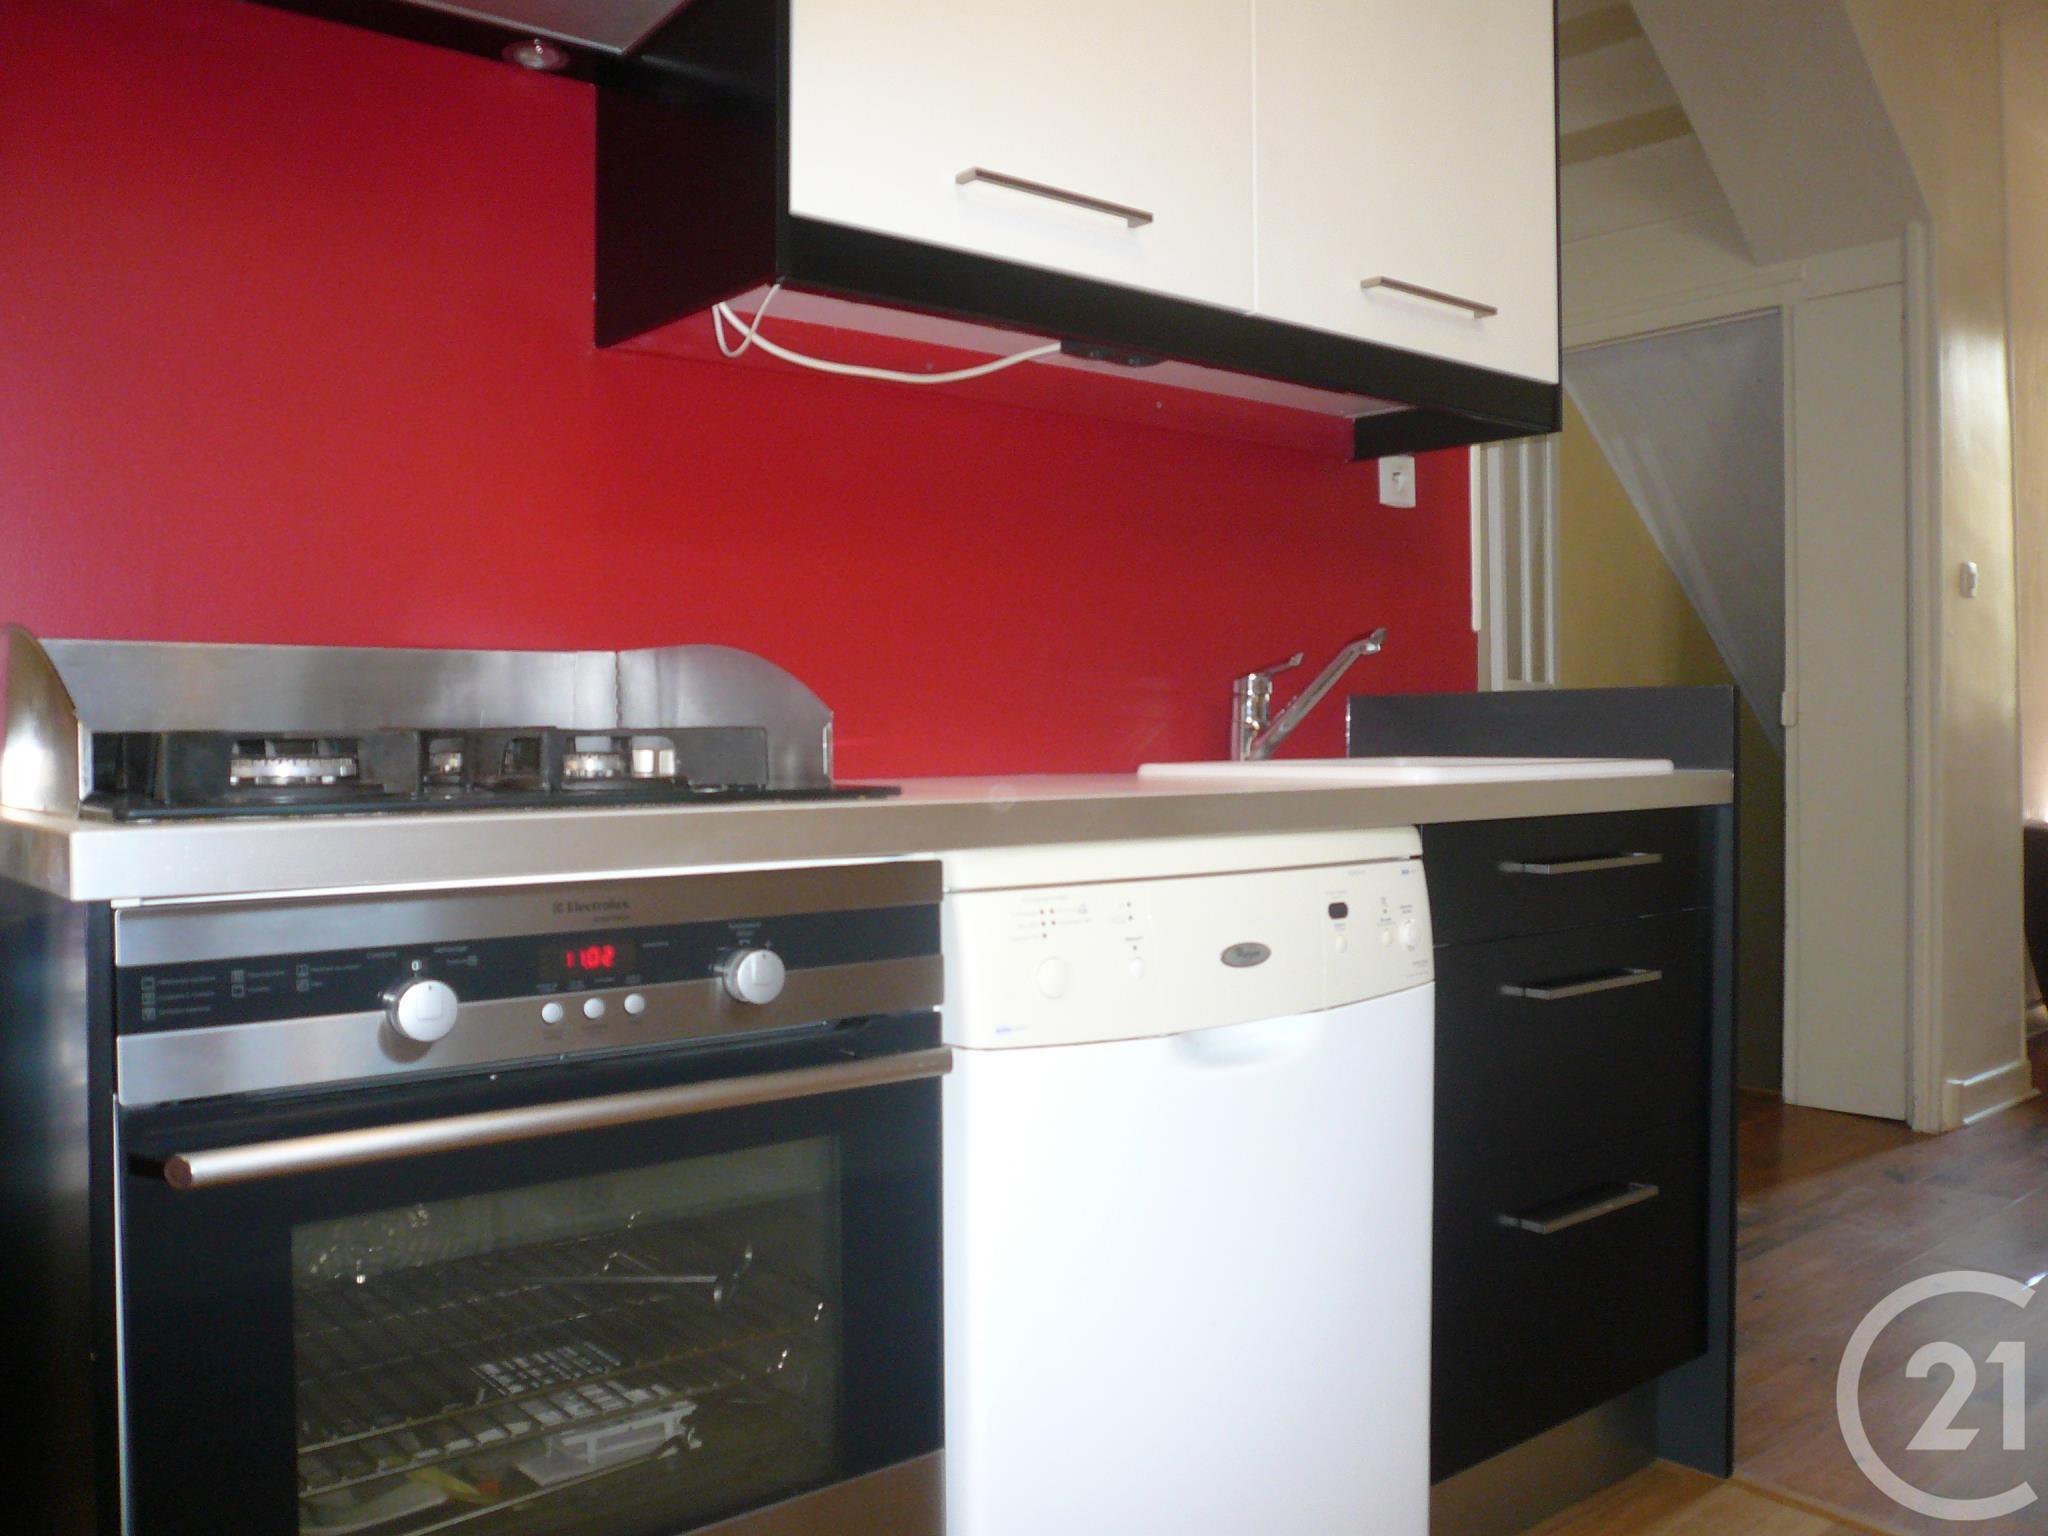 appartement f3 louer 670 0 mois 3 pi ces 73 savoie. Black Bedroom Furniture Sets. Home Design Ideas